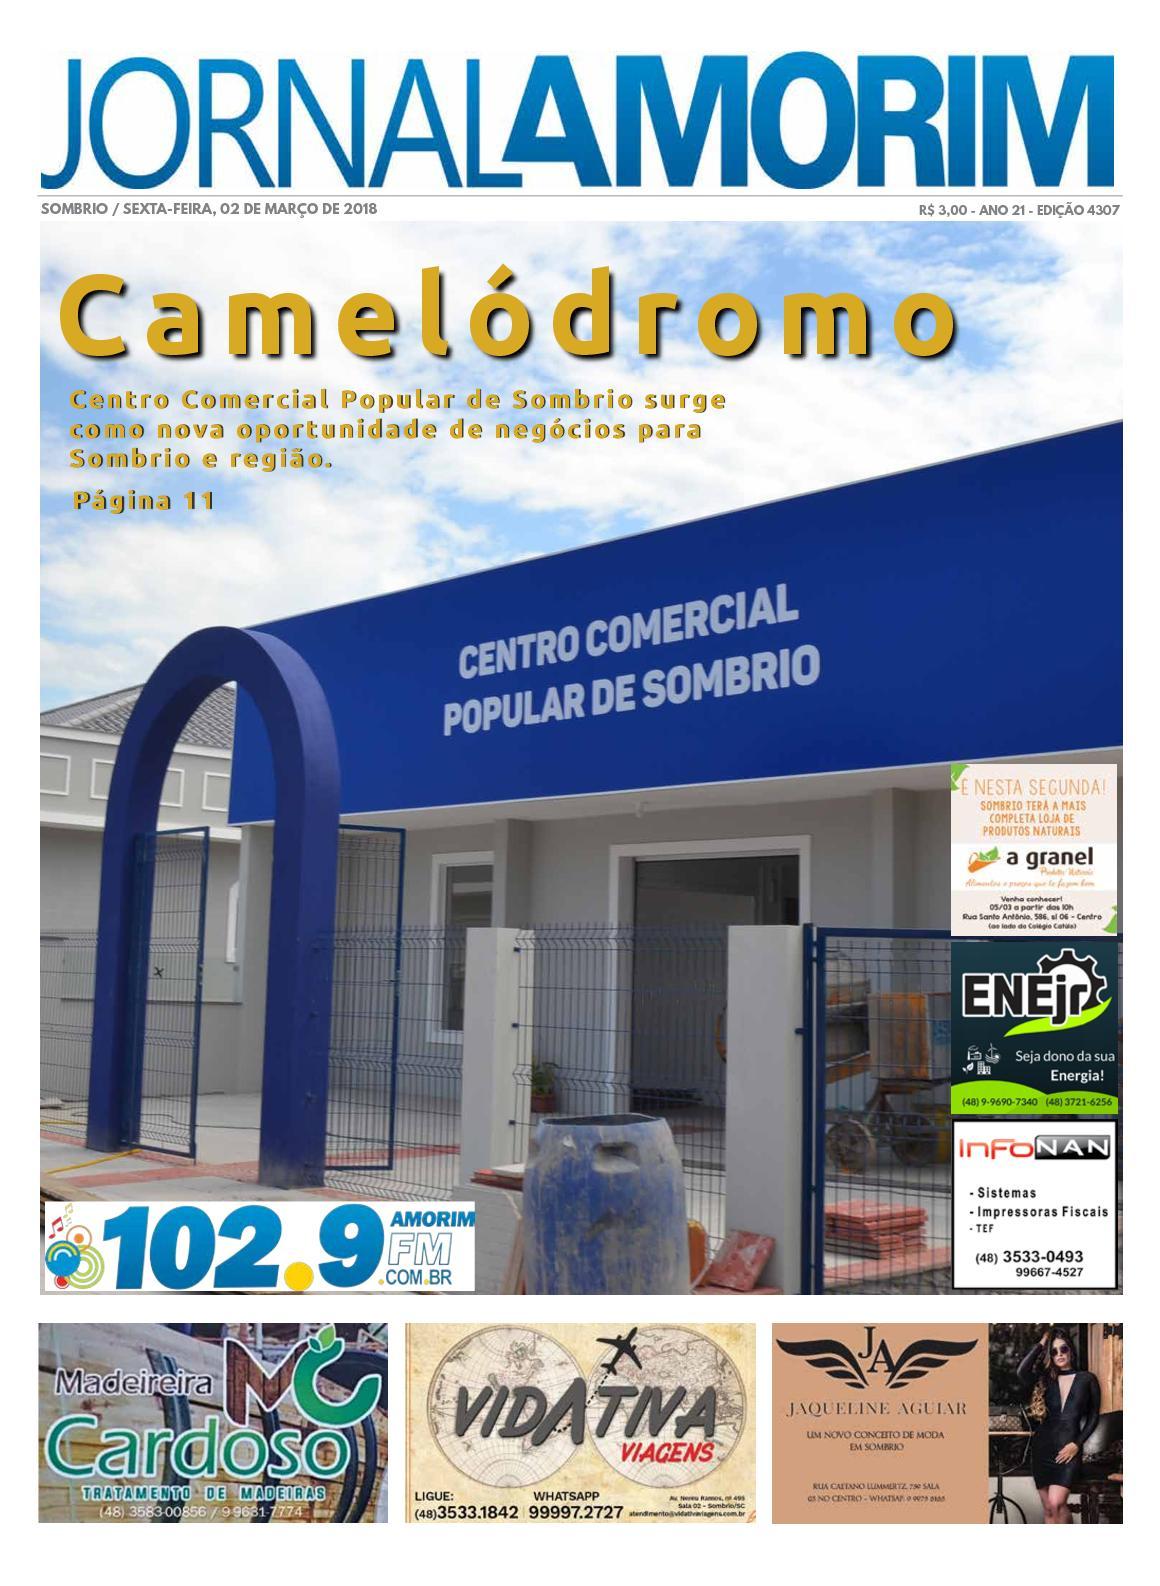 Calaméo - Jornal Amorim Edição 4307 Data 02-03-2018 d93a9a18f2